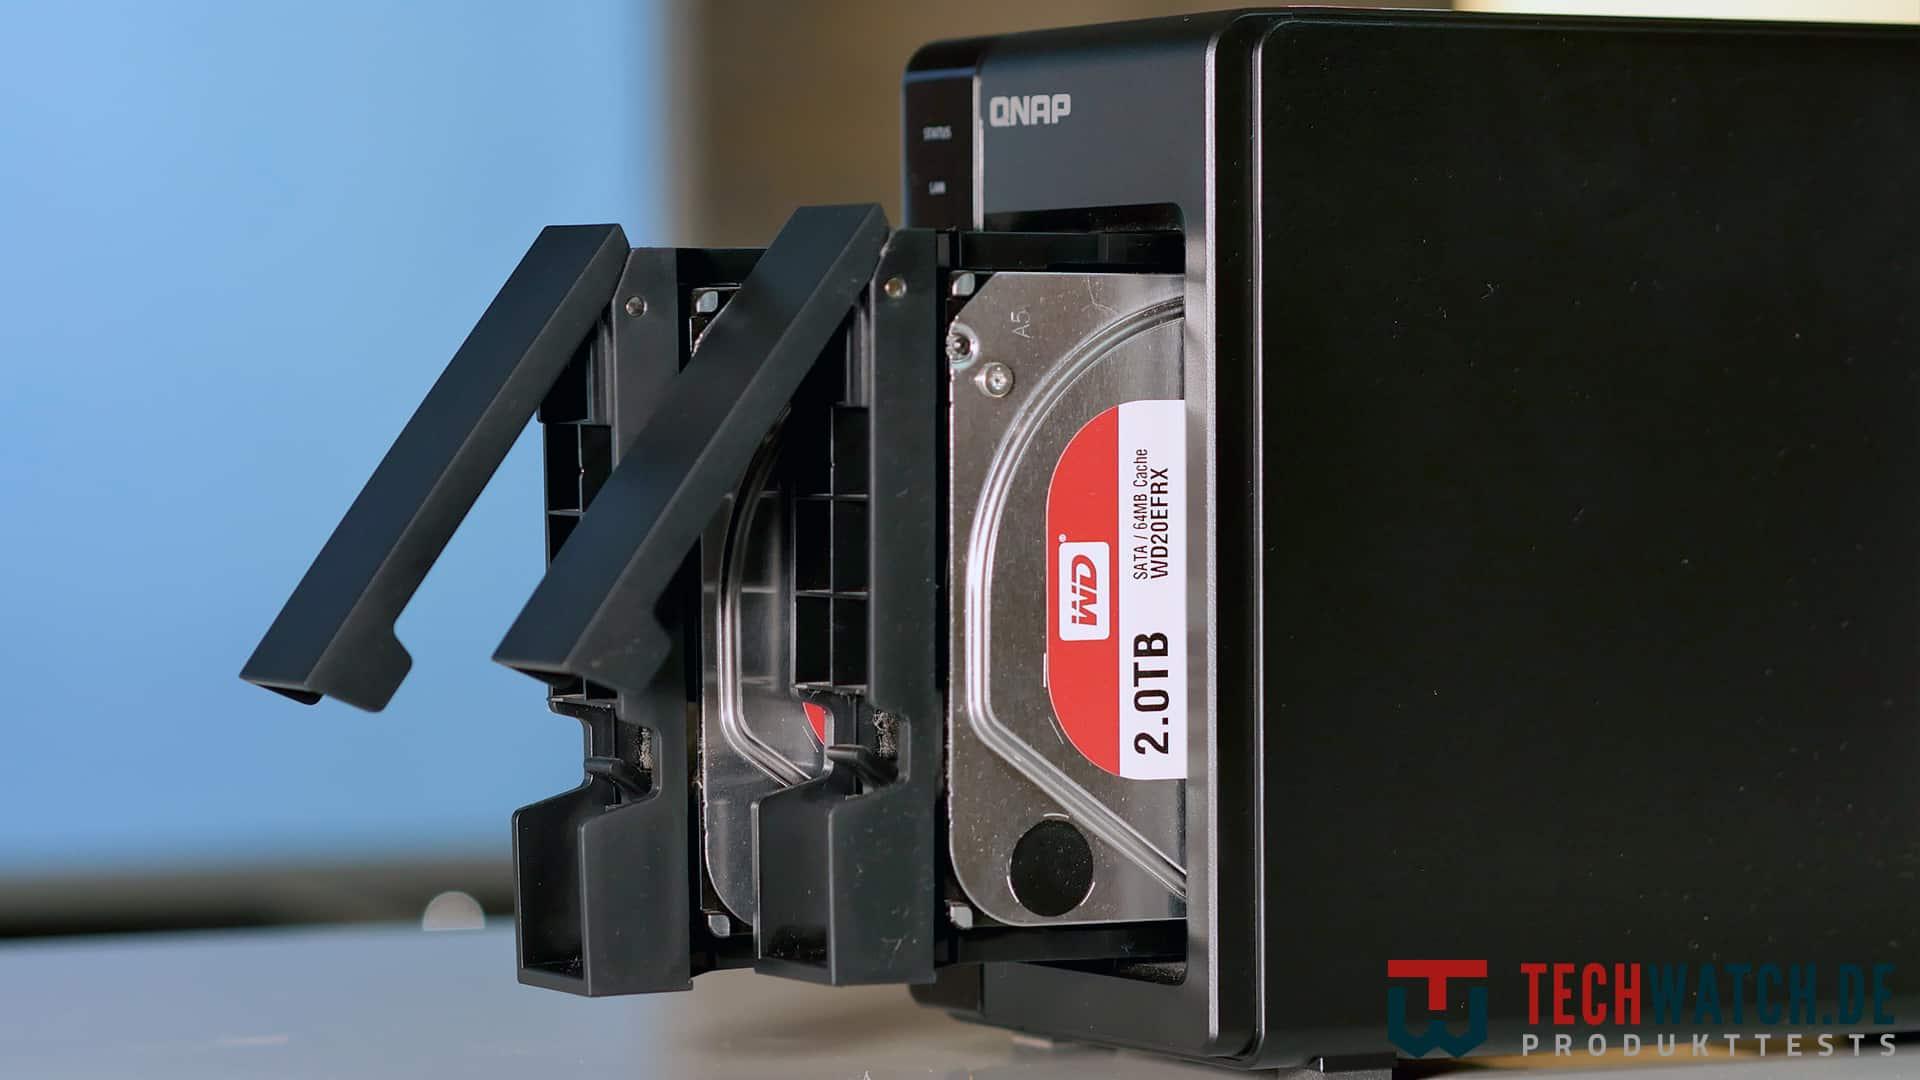 QNAP TS-251+ Bays